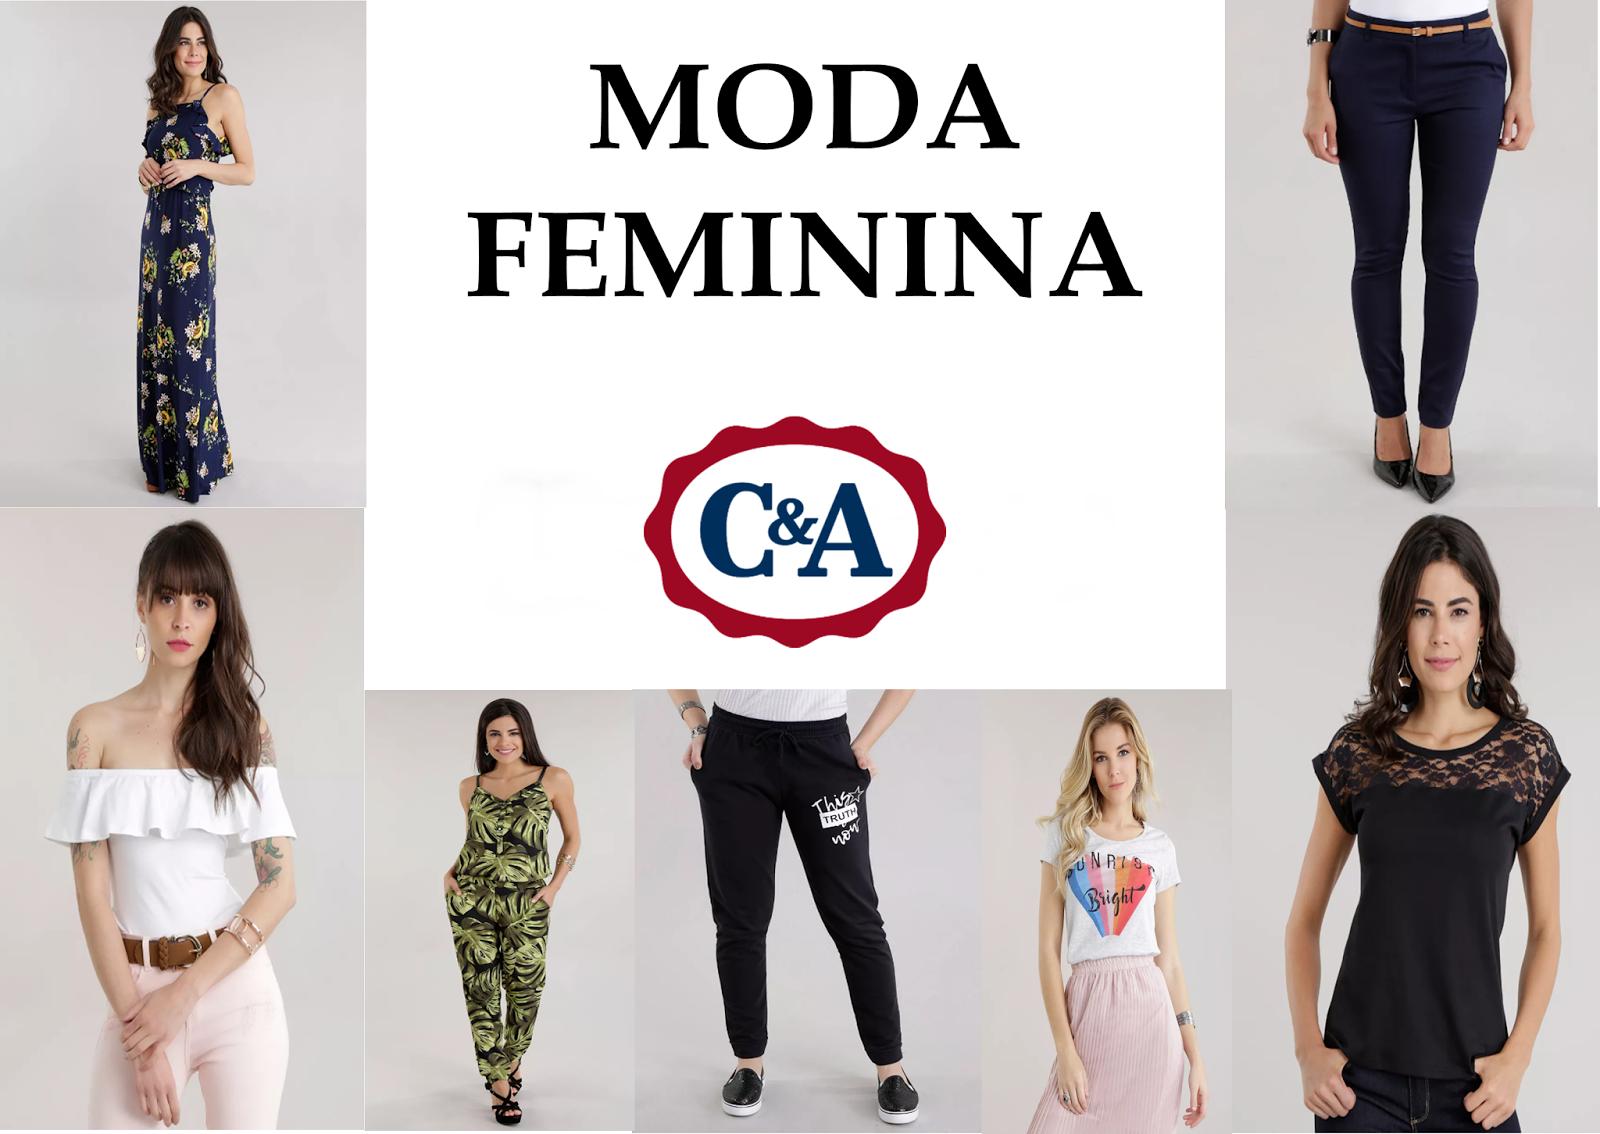 f4126db04f A C A foi fundada em 1841 pelos irmãos holandeses Clemens e August. Suas  iniciais deram origem ao nome da marca.pioneiros na confecção de roupas  prontas ...